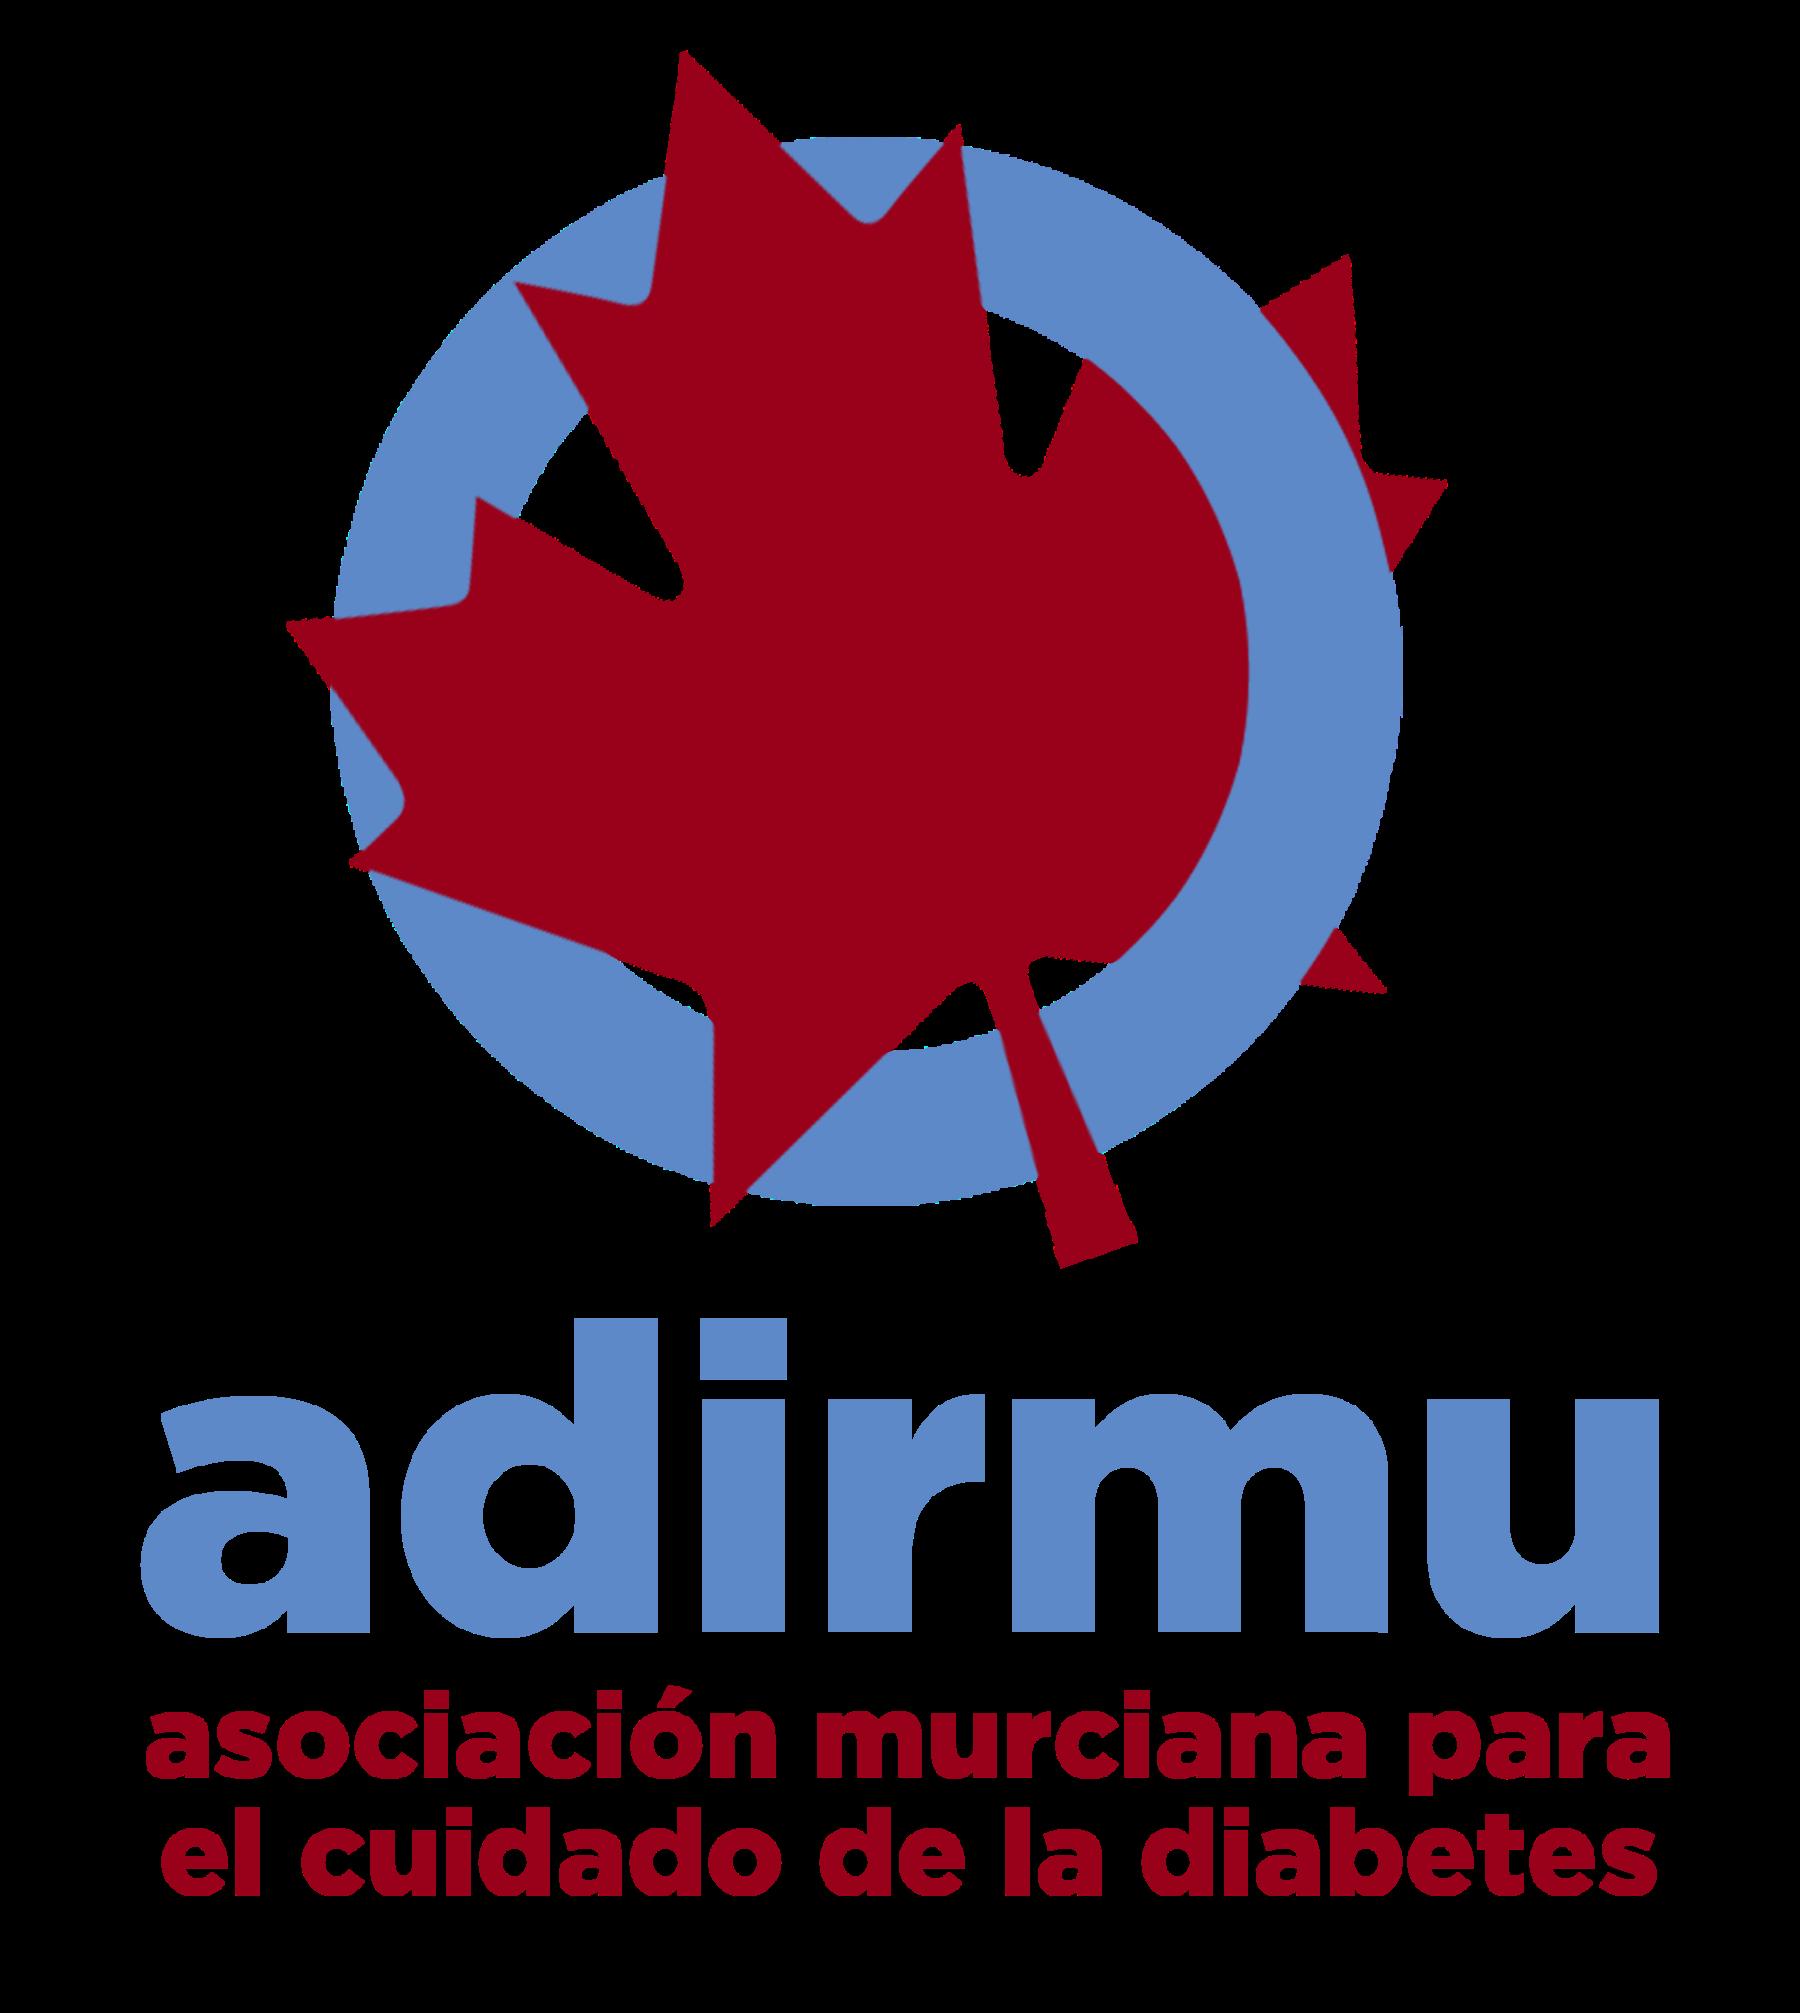 Asociación Murciana para el Cuidado de la Diabetes (ADIRMU)